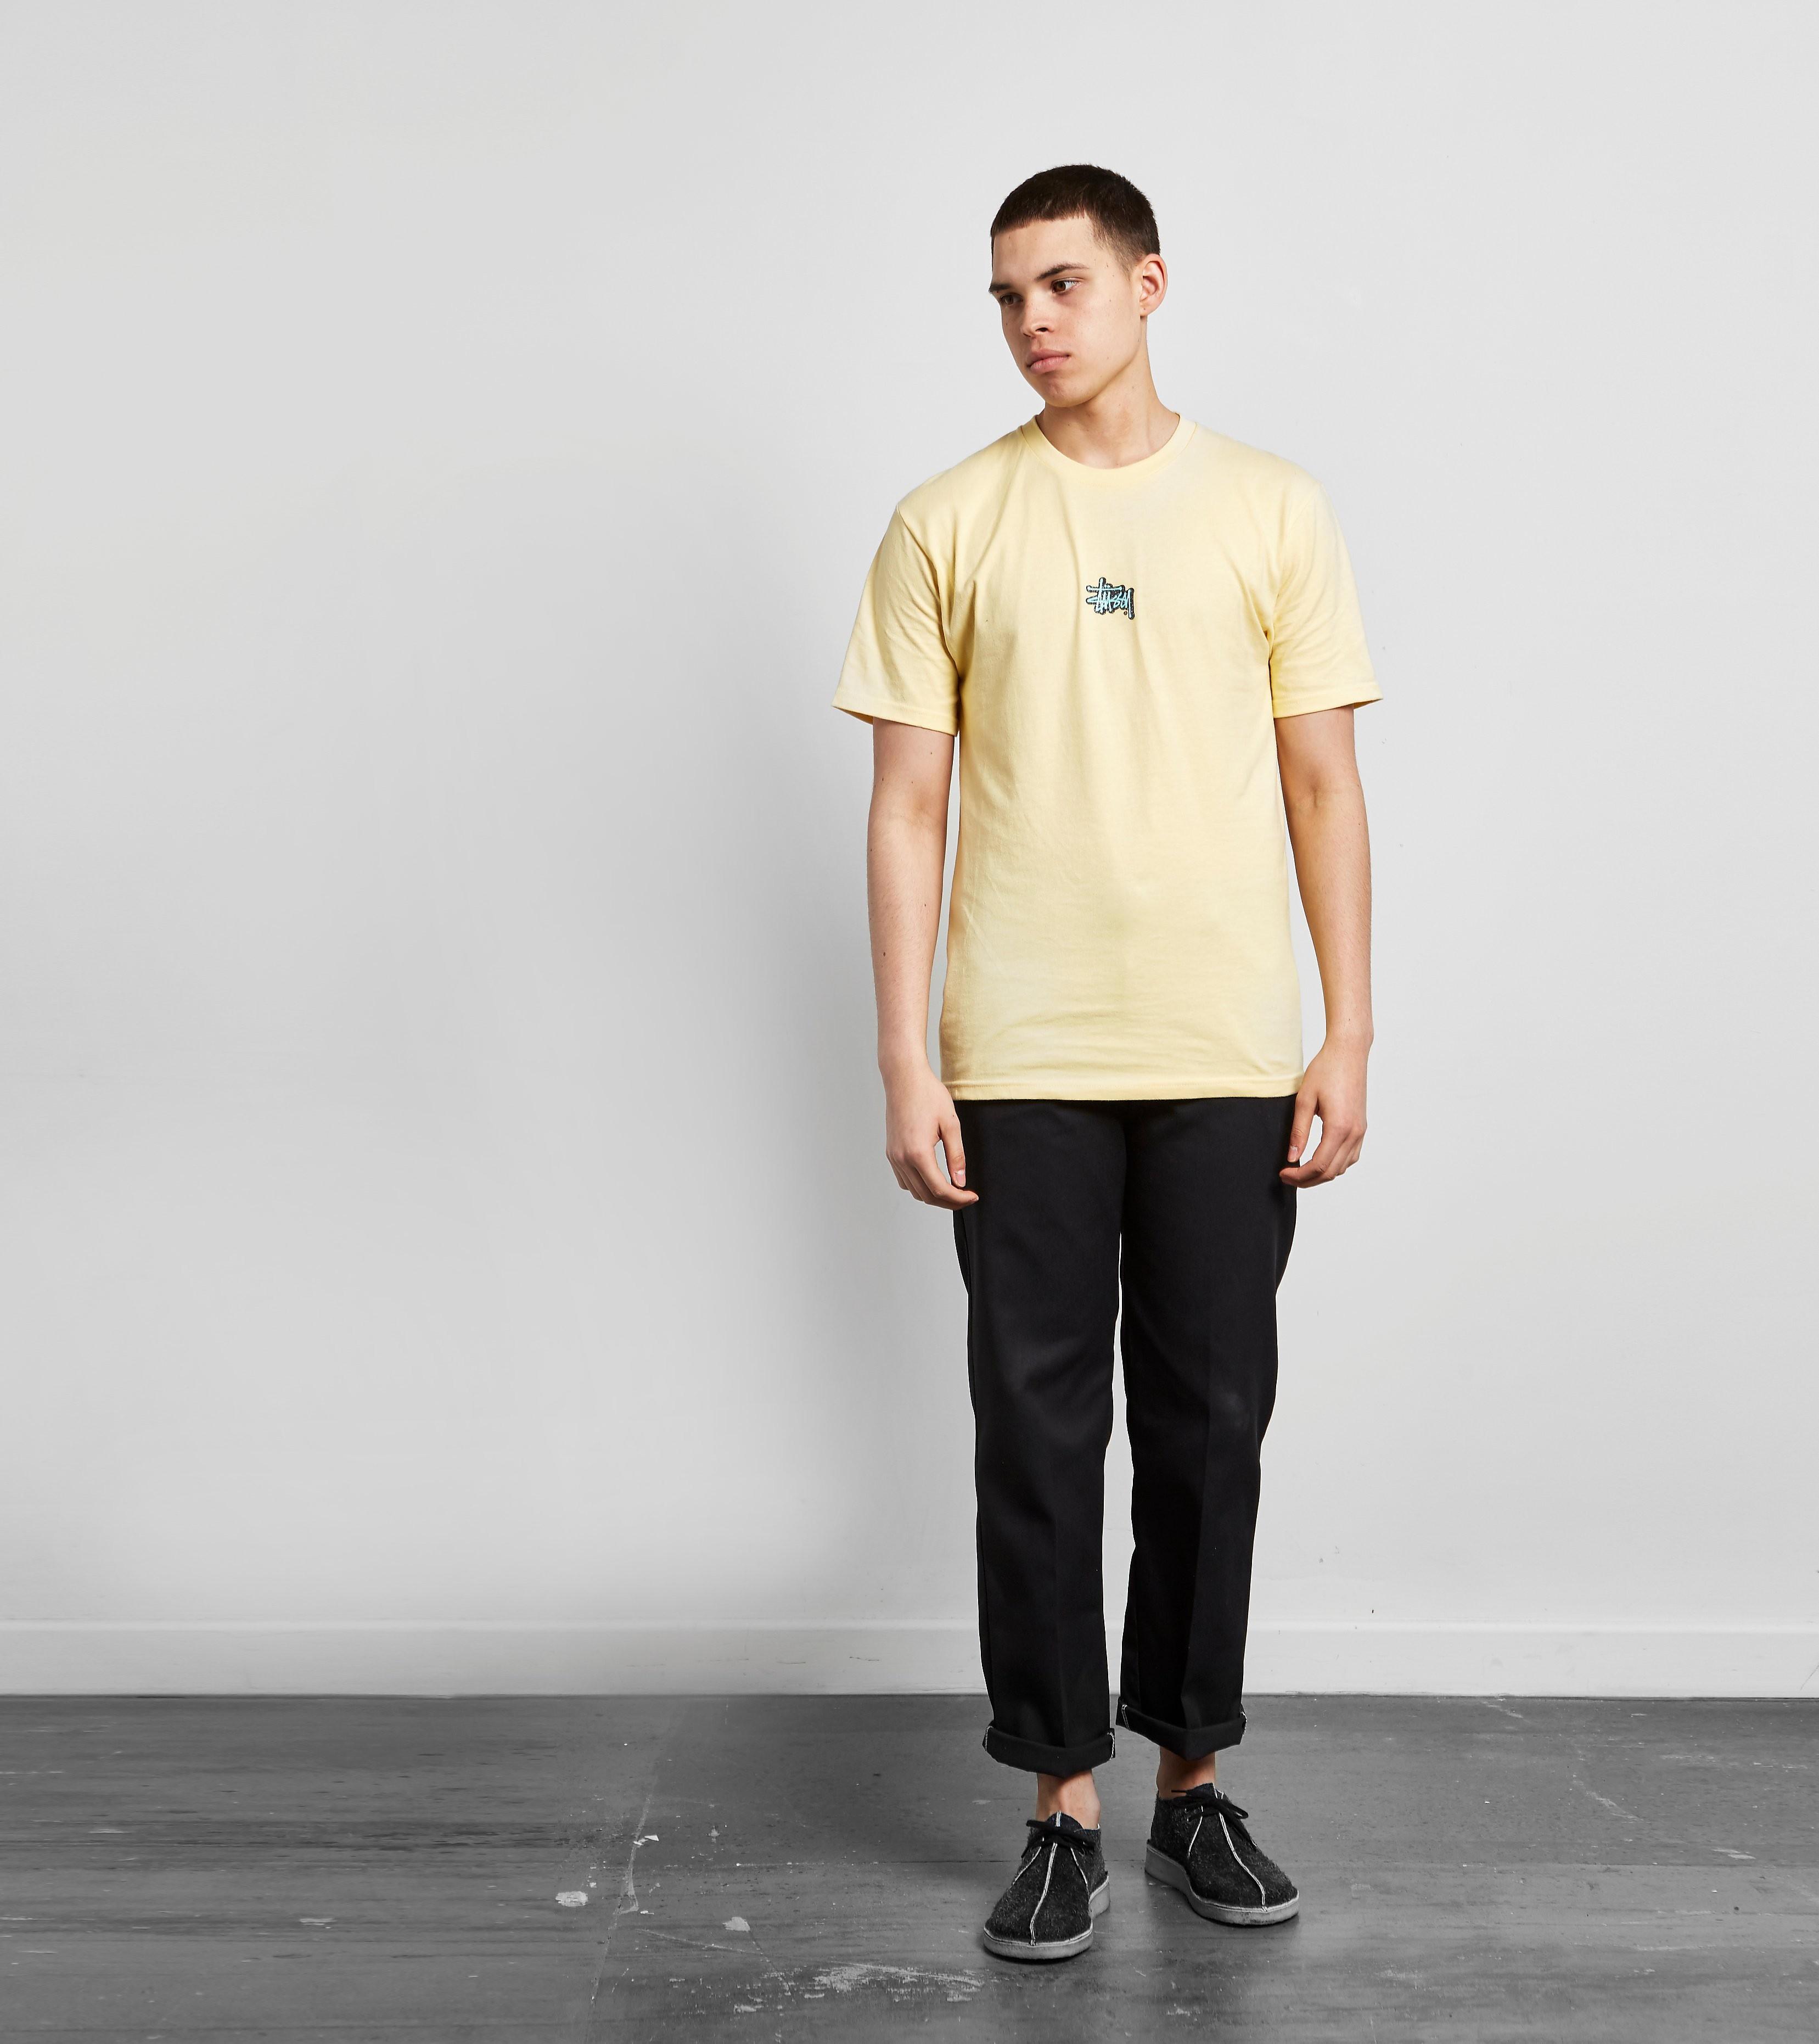 Stussy Lil Stu T-Shirt